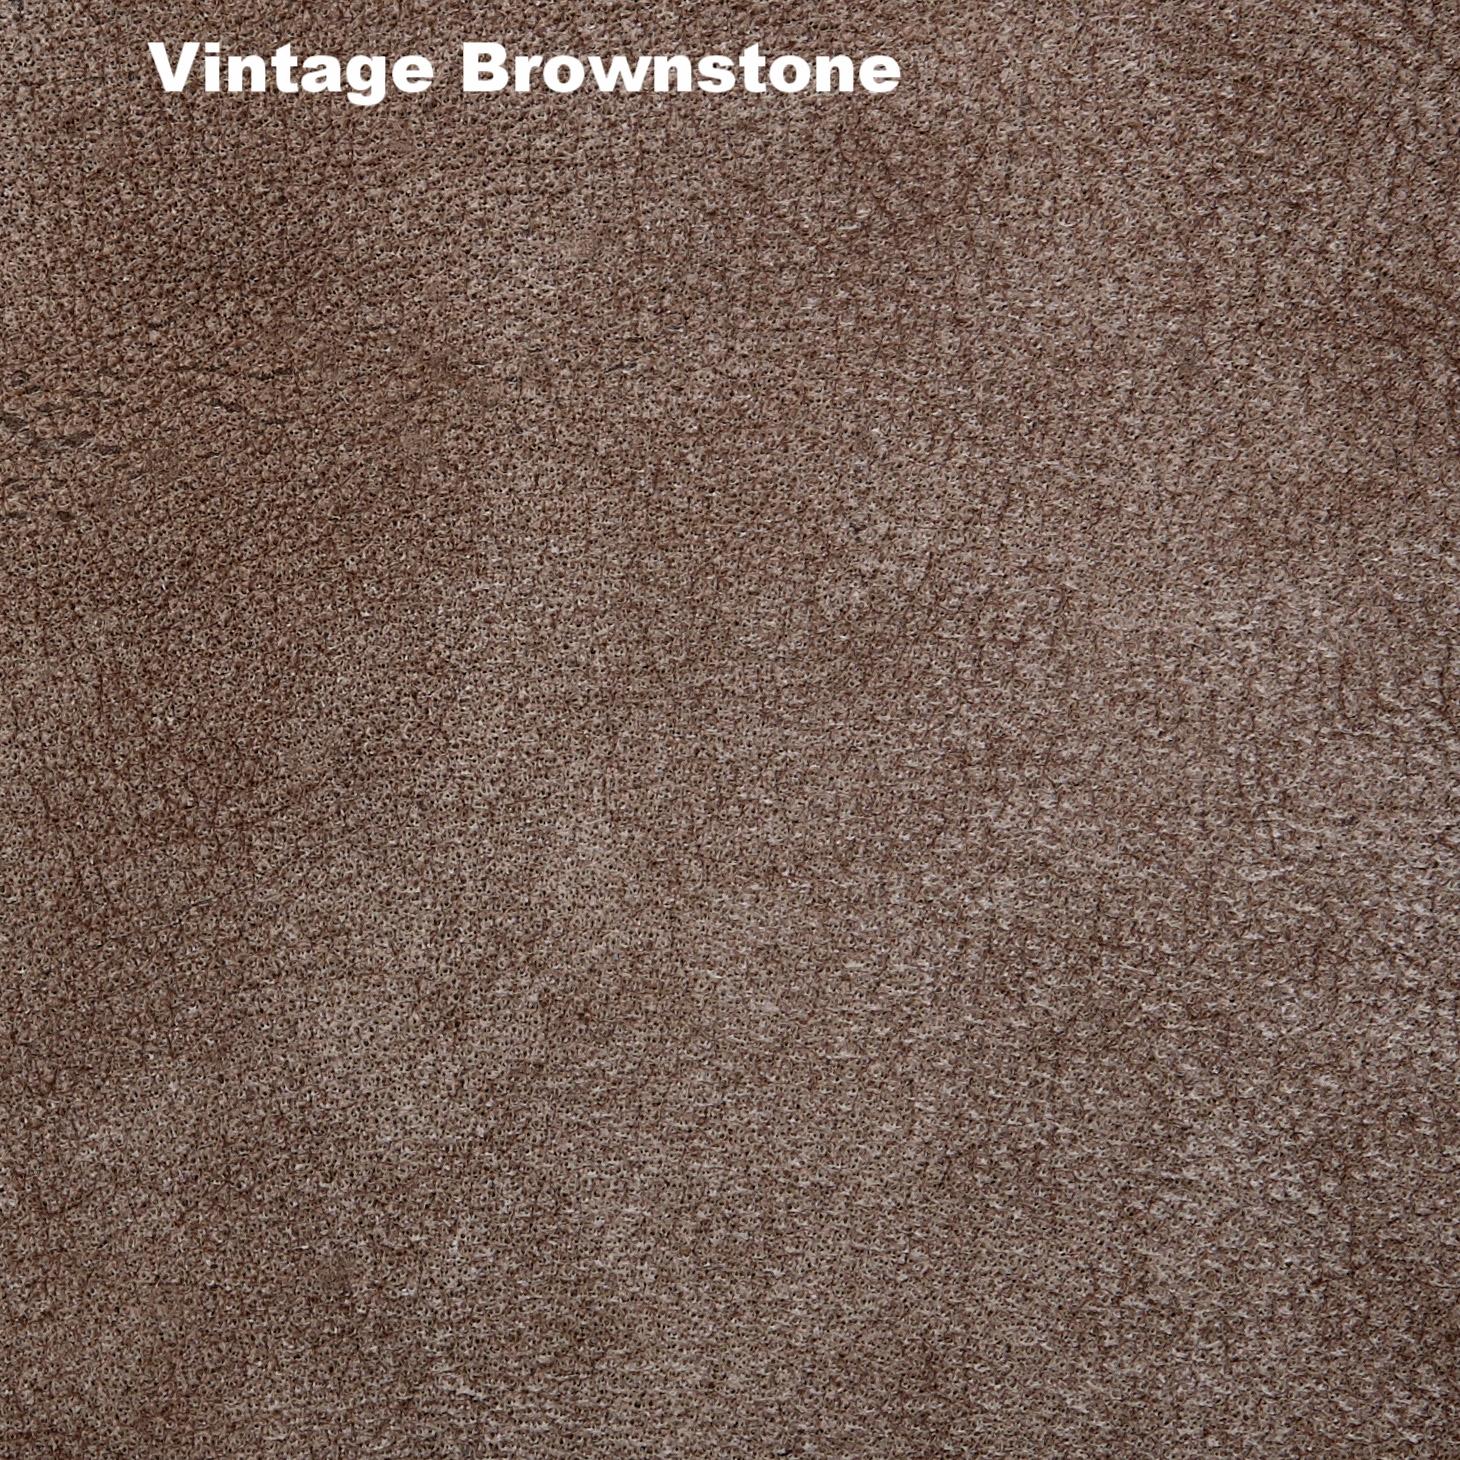 05_vintage_brownstone.jpg